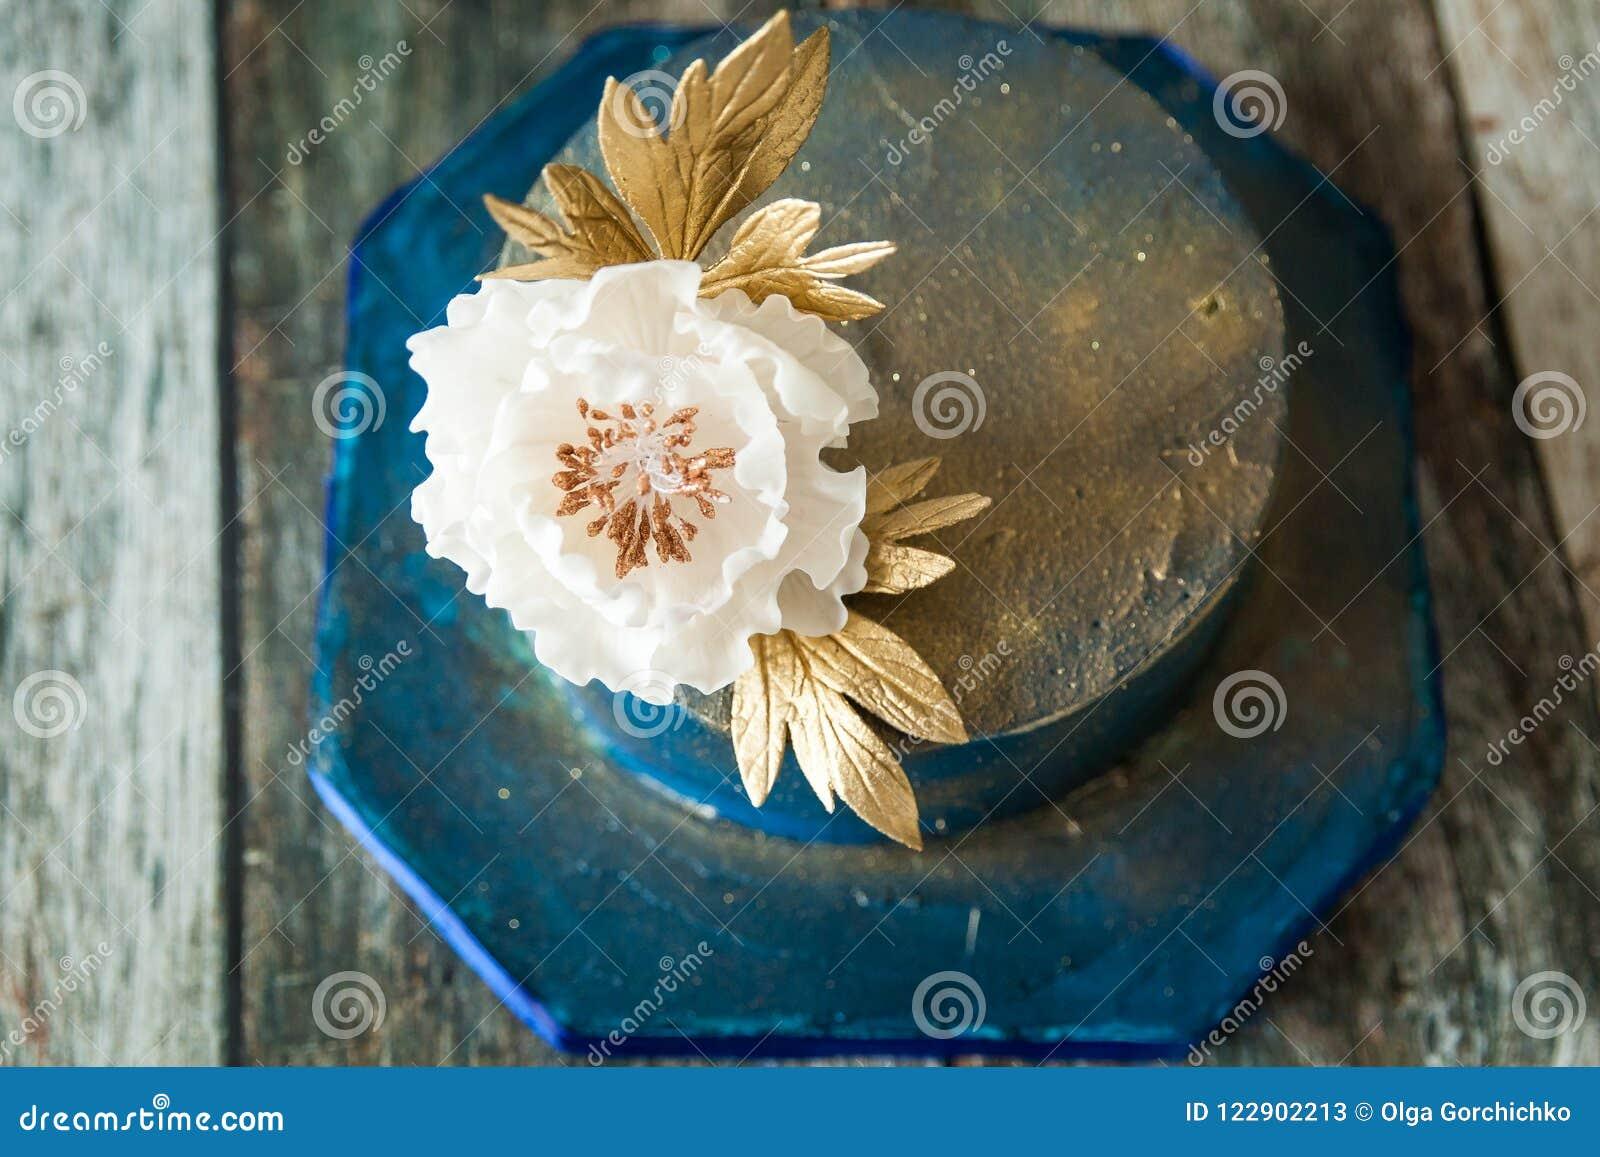 Blue And Gold Wedding Cake Stock Image Image Of Festive 122902213